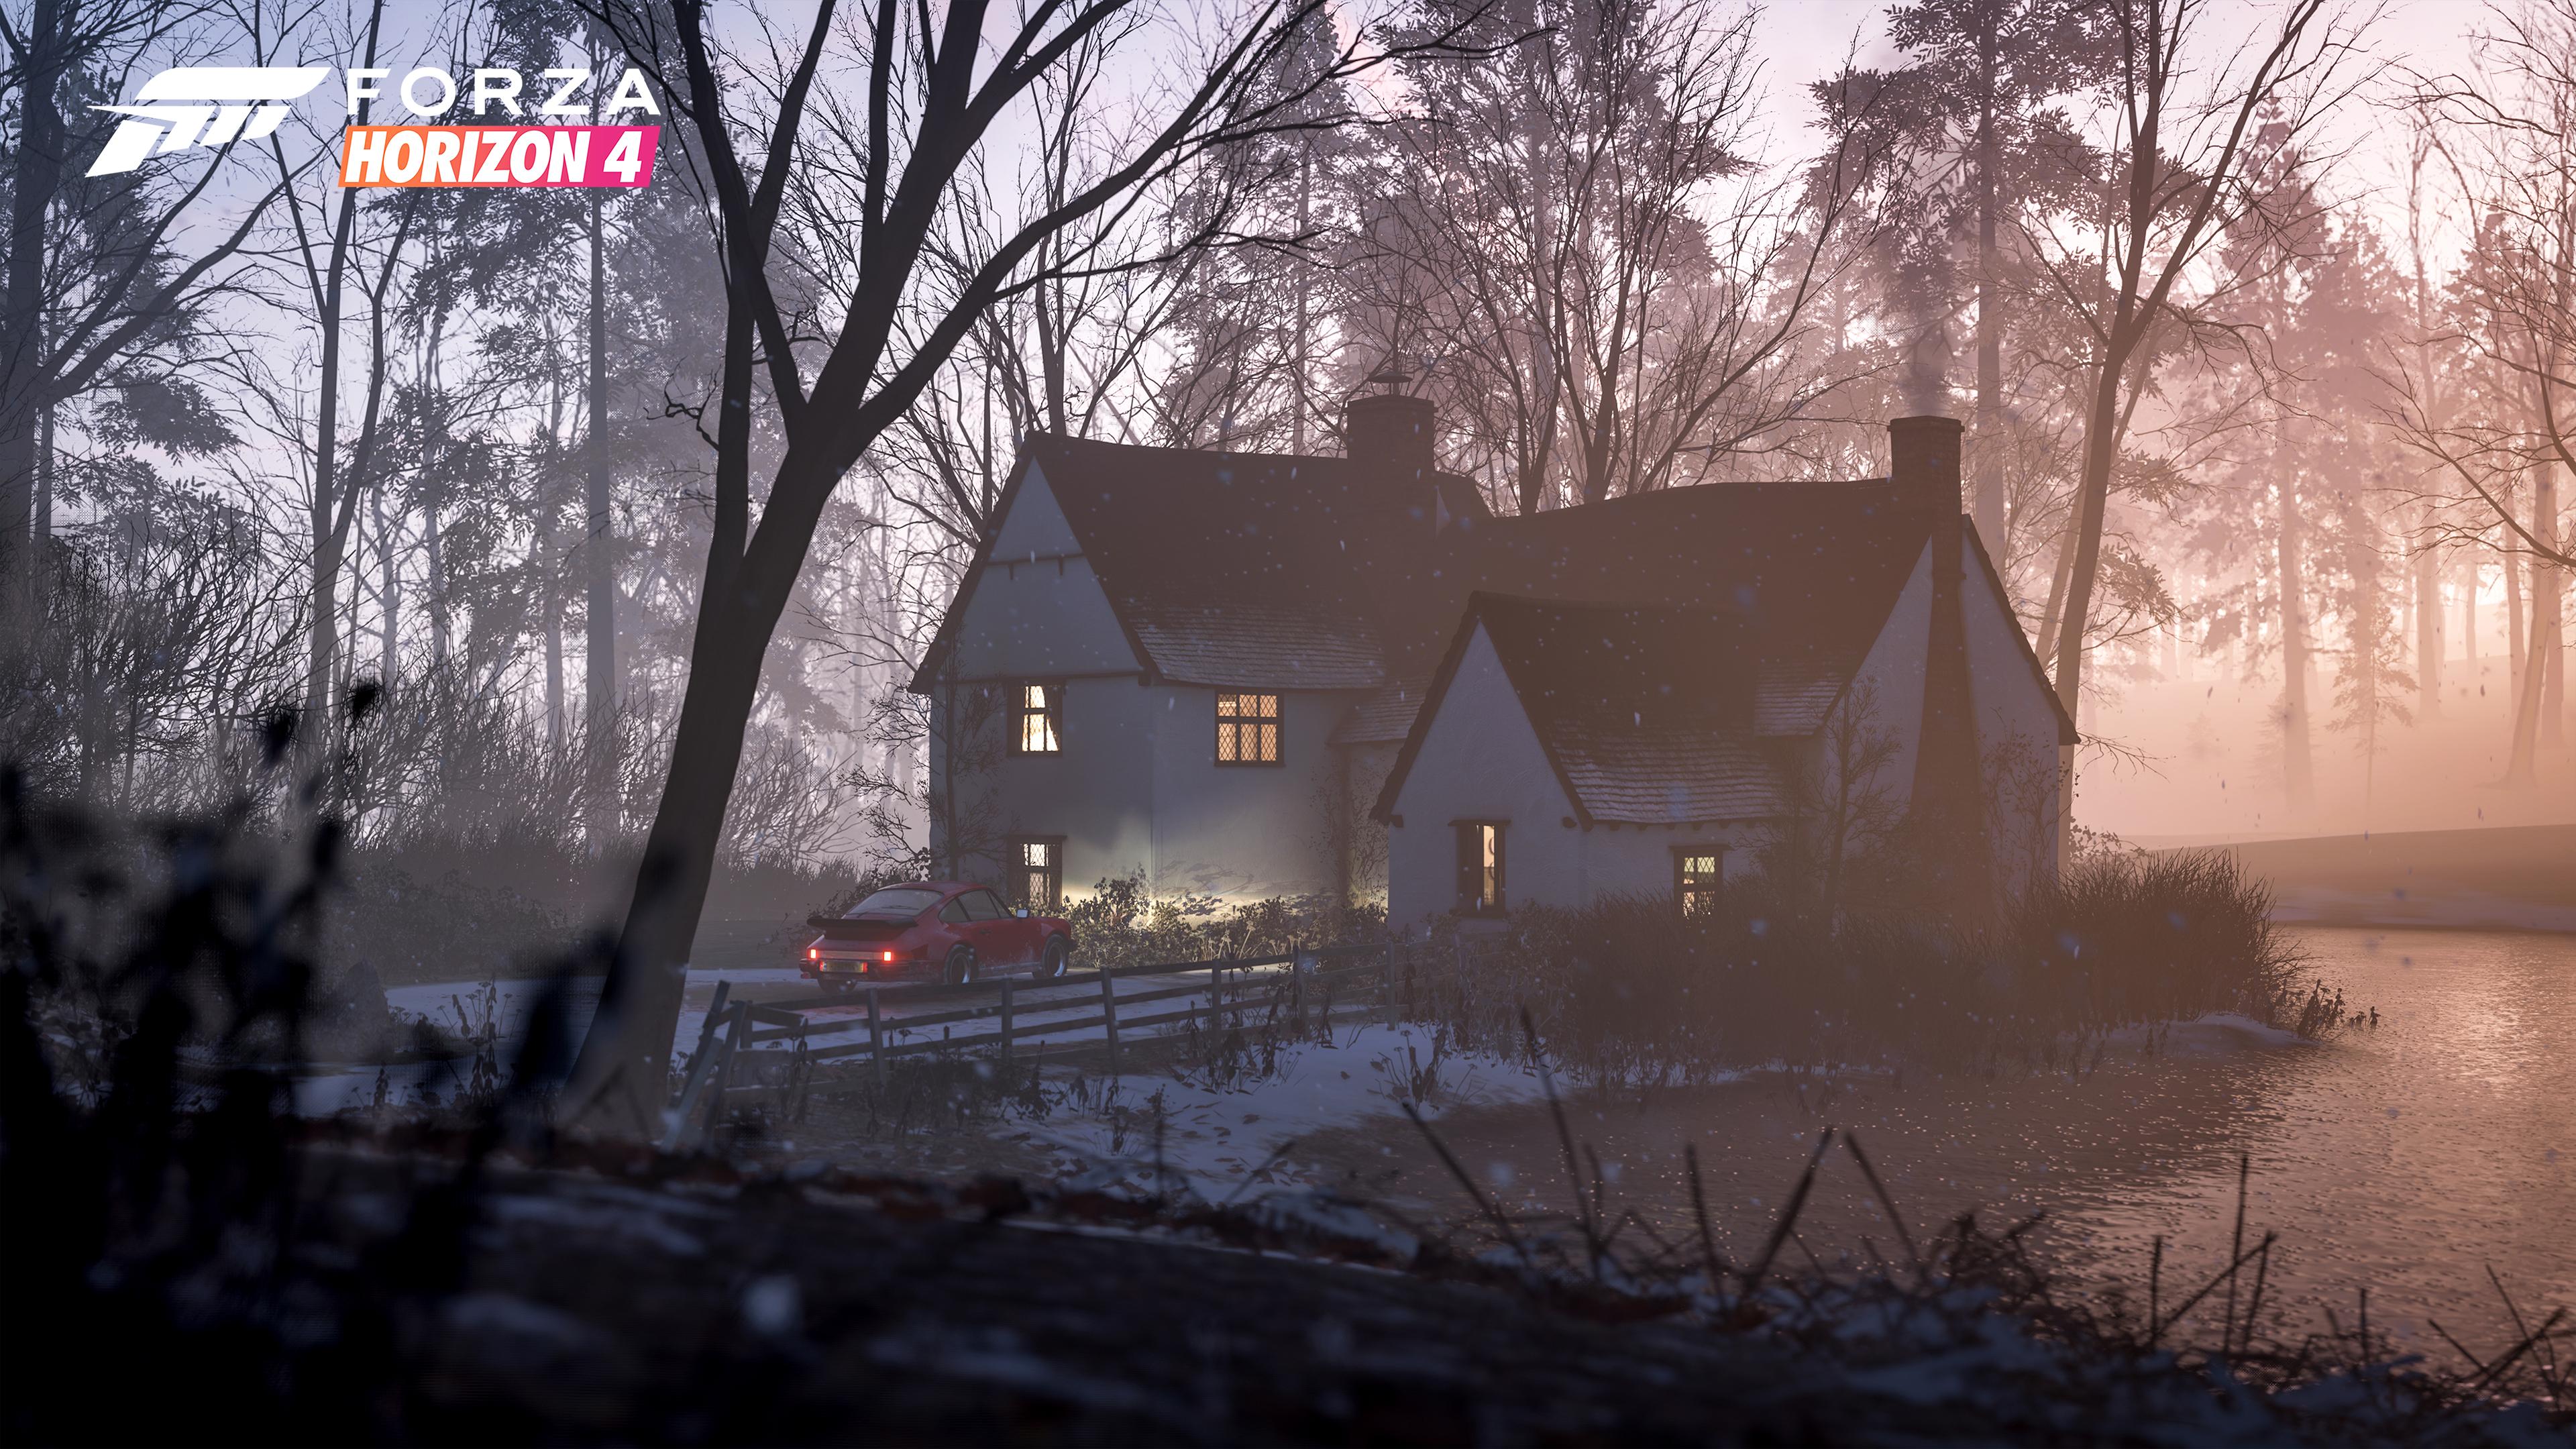 En plus d'avoir accès au garage du festival Horizon, le jeu offre l'option au joueur de se procurer sa propre demeure